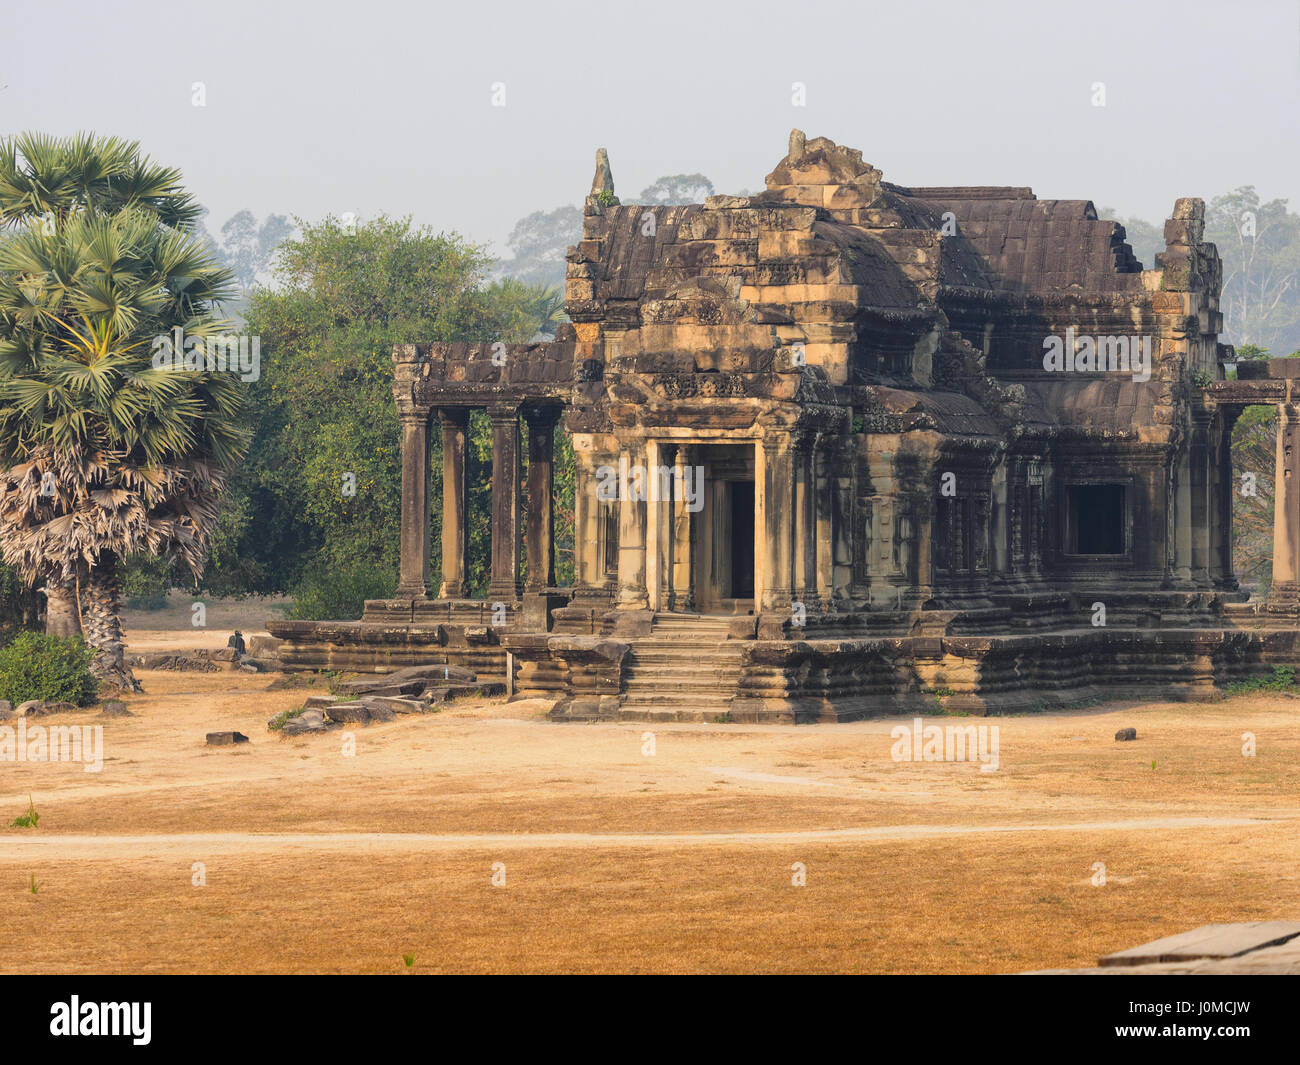 Angkor Wat, Cambodia - Stock Image